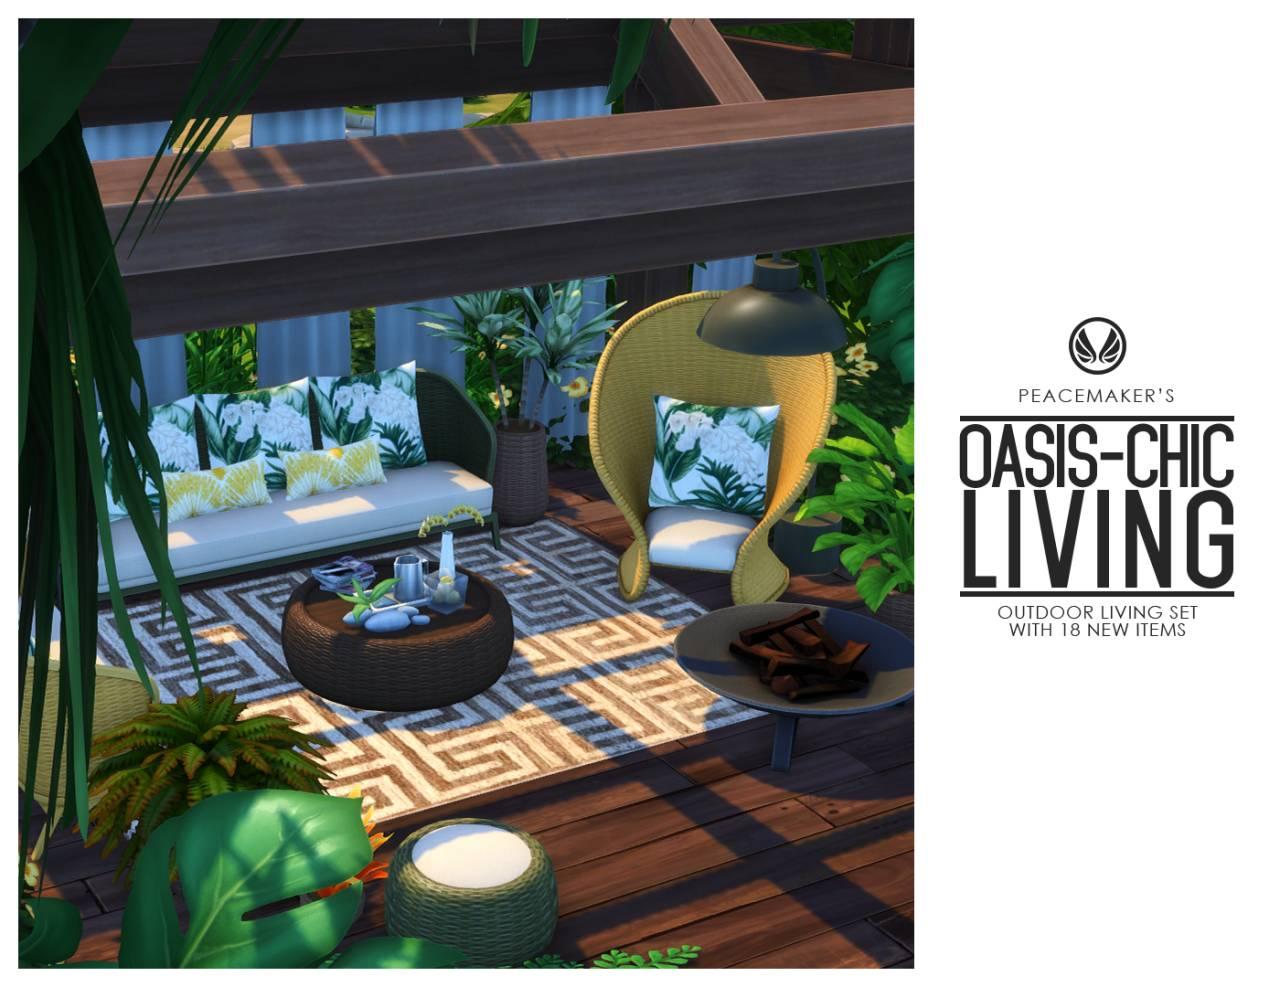 Сет для внутреннего дворика - OASIS-CHIC LIVING